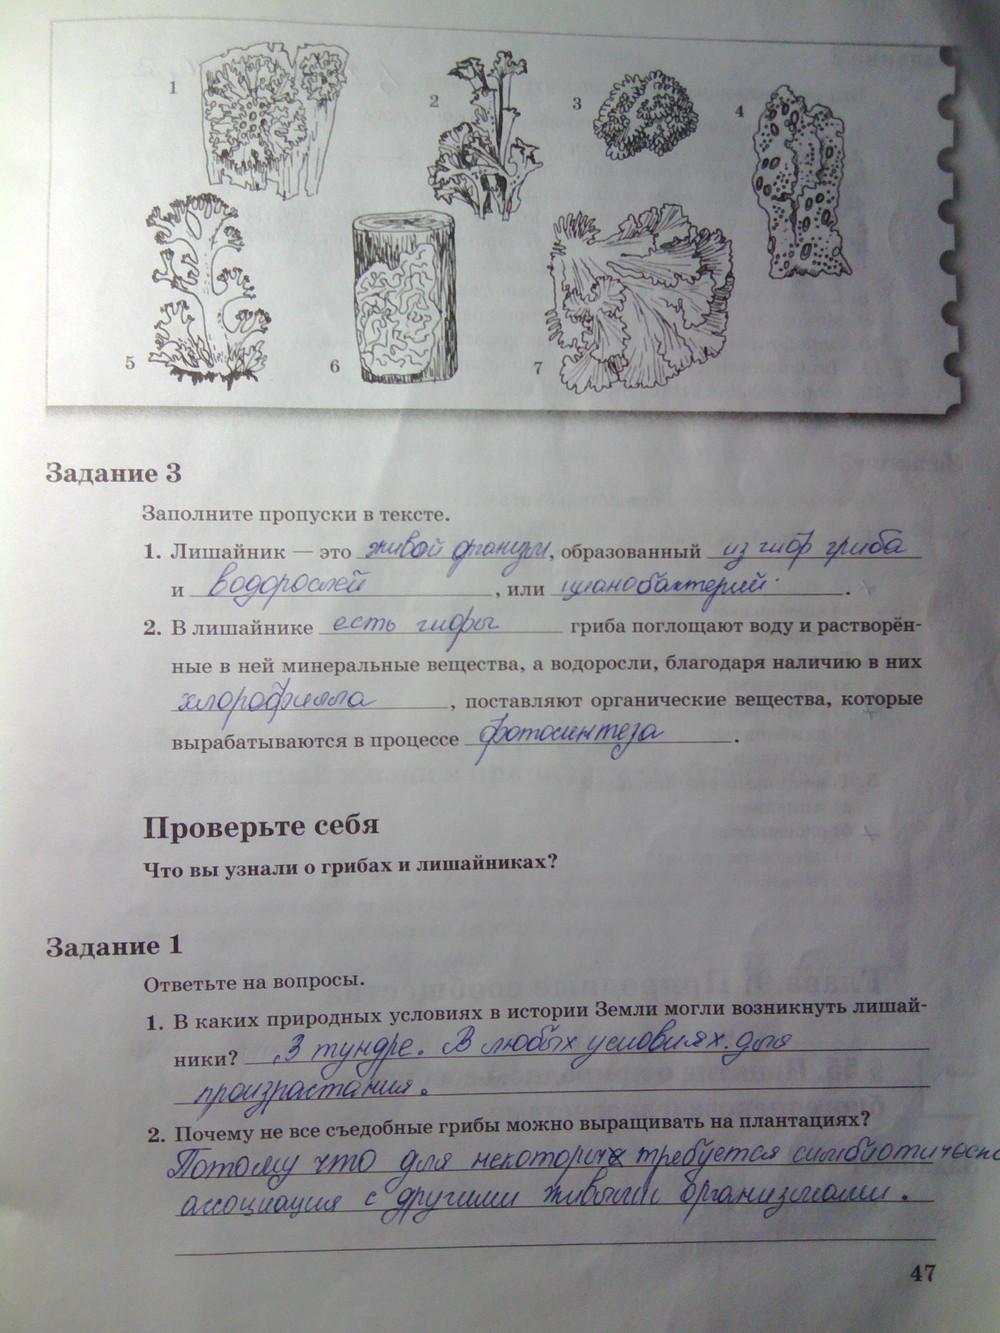 Рабочий по 6 тетради 2 биологии часть решебник класс пономарева